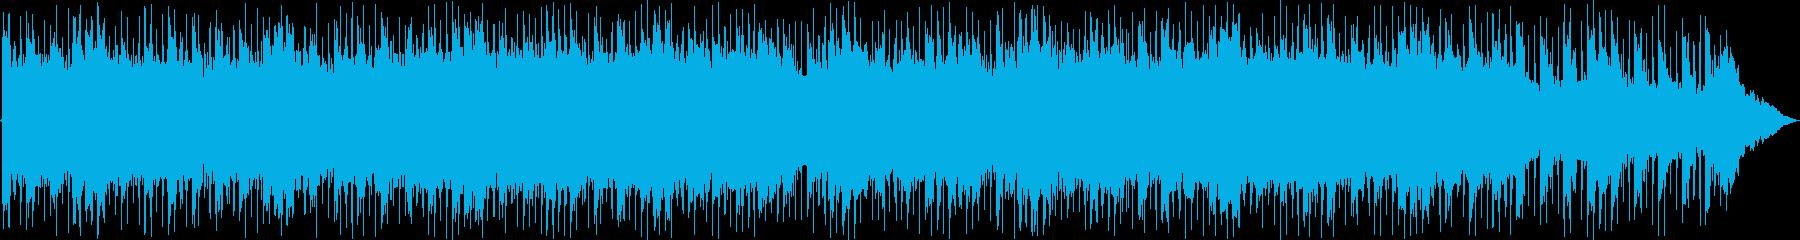 前向きなイメージのキラキラ系BGMの再生済みの波形